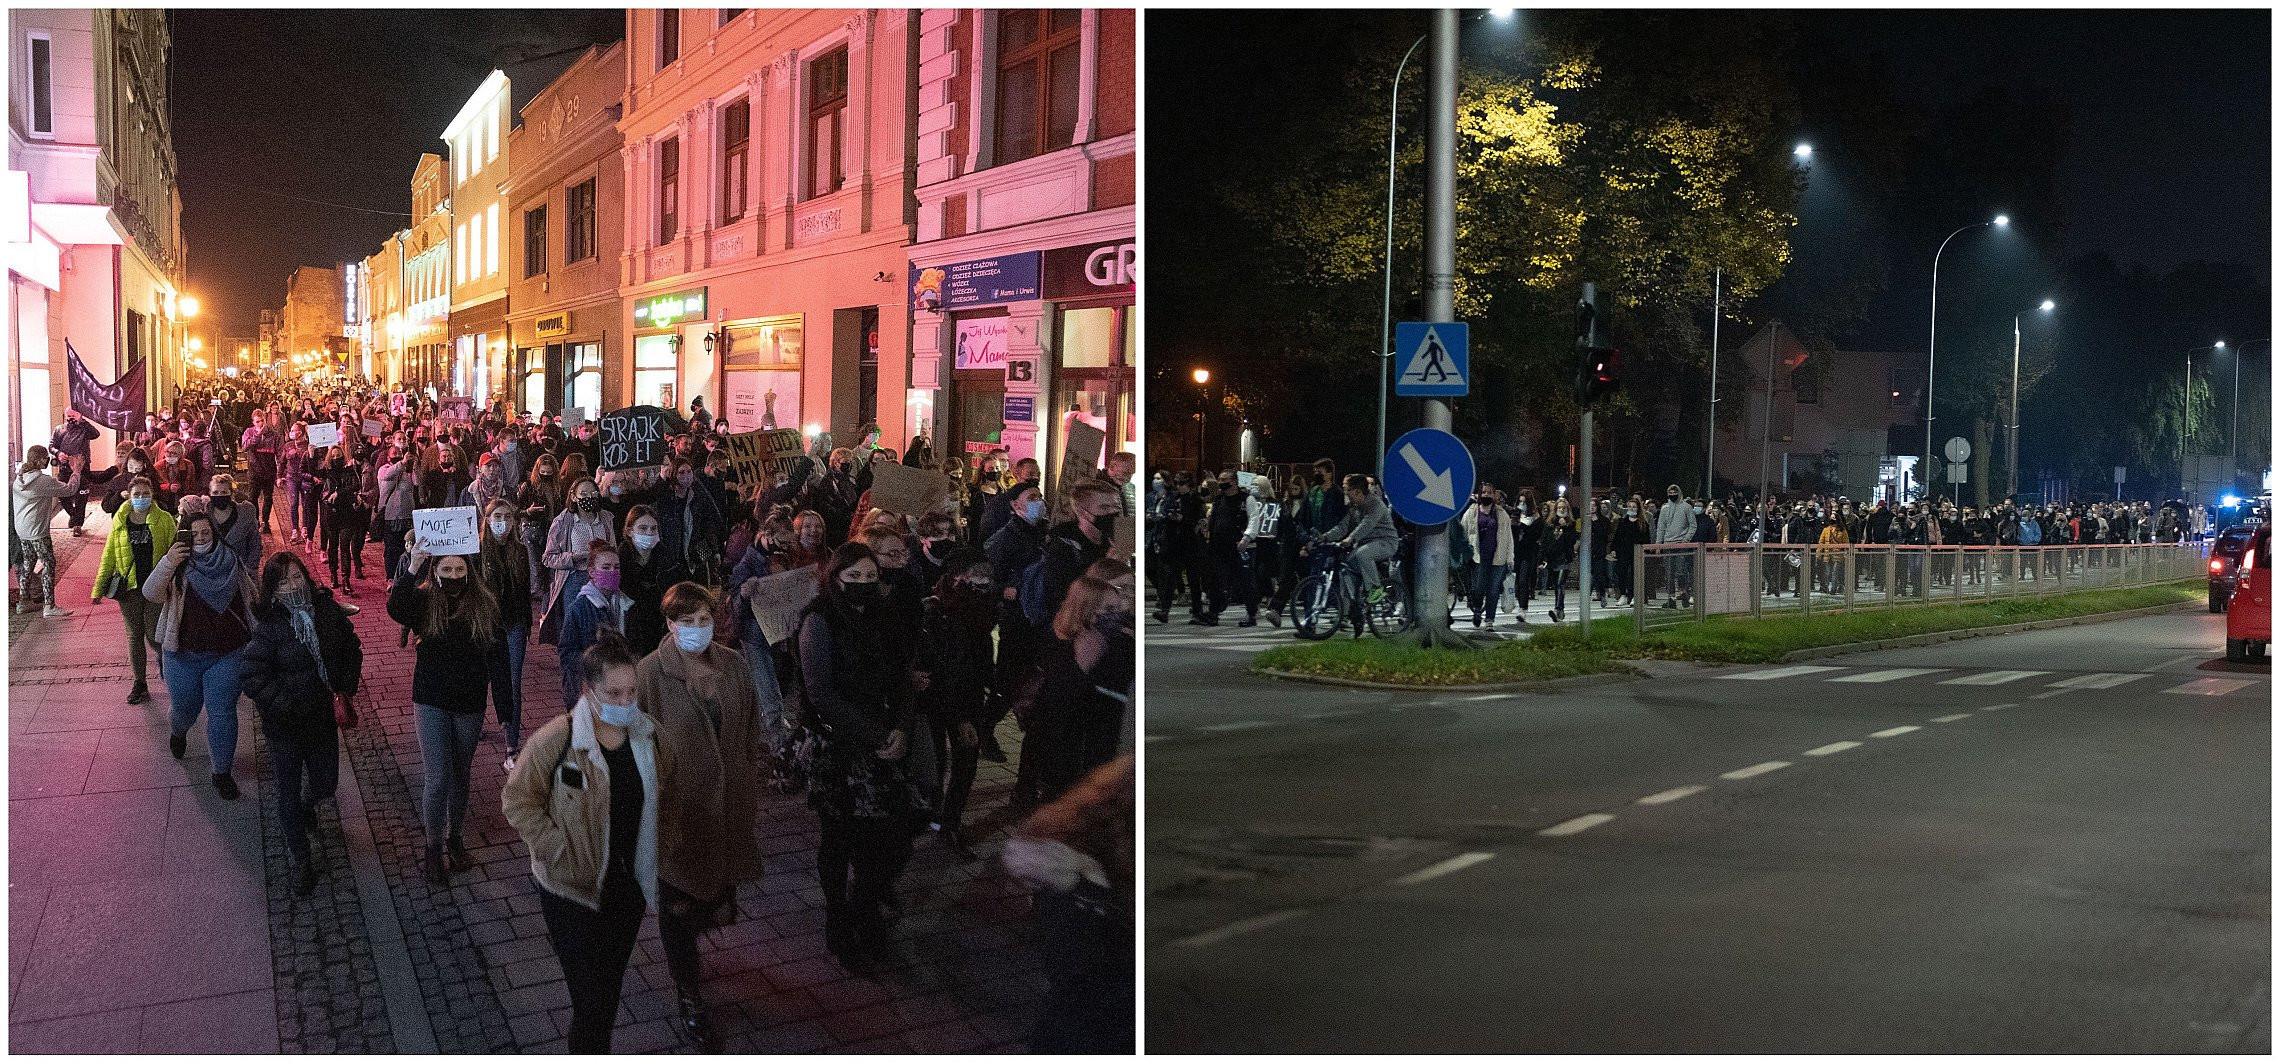 Inowrocław - Setki osób wyszły na ulice Inowrocławia